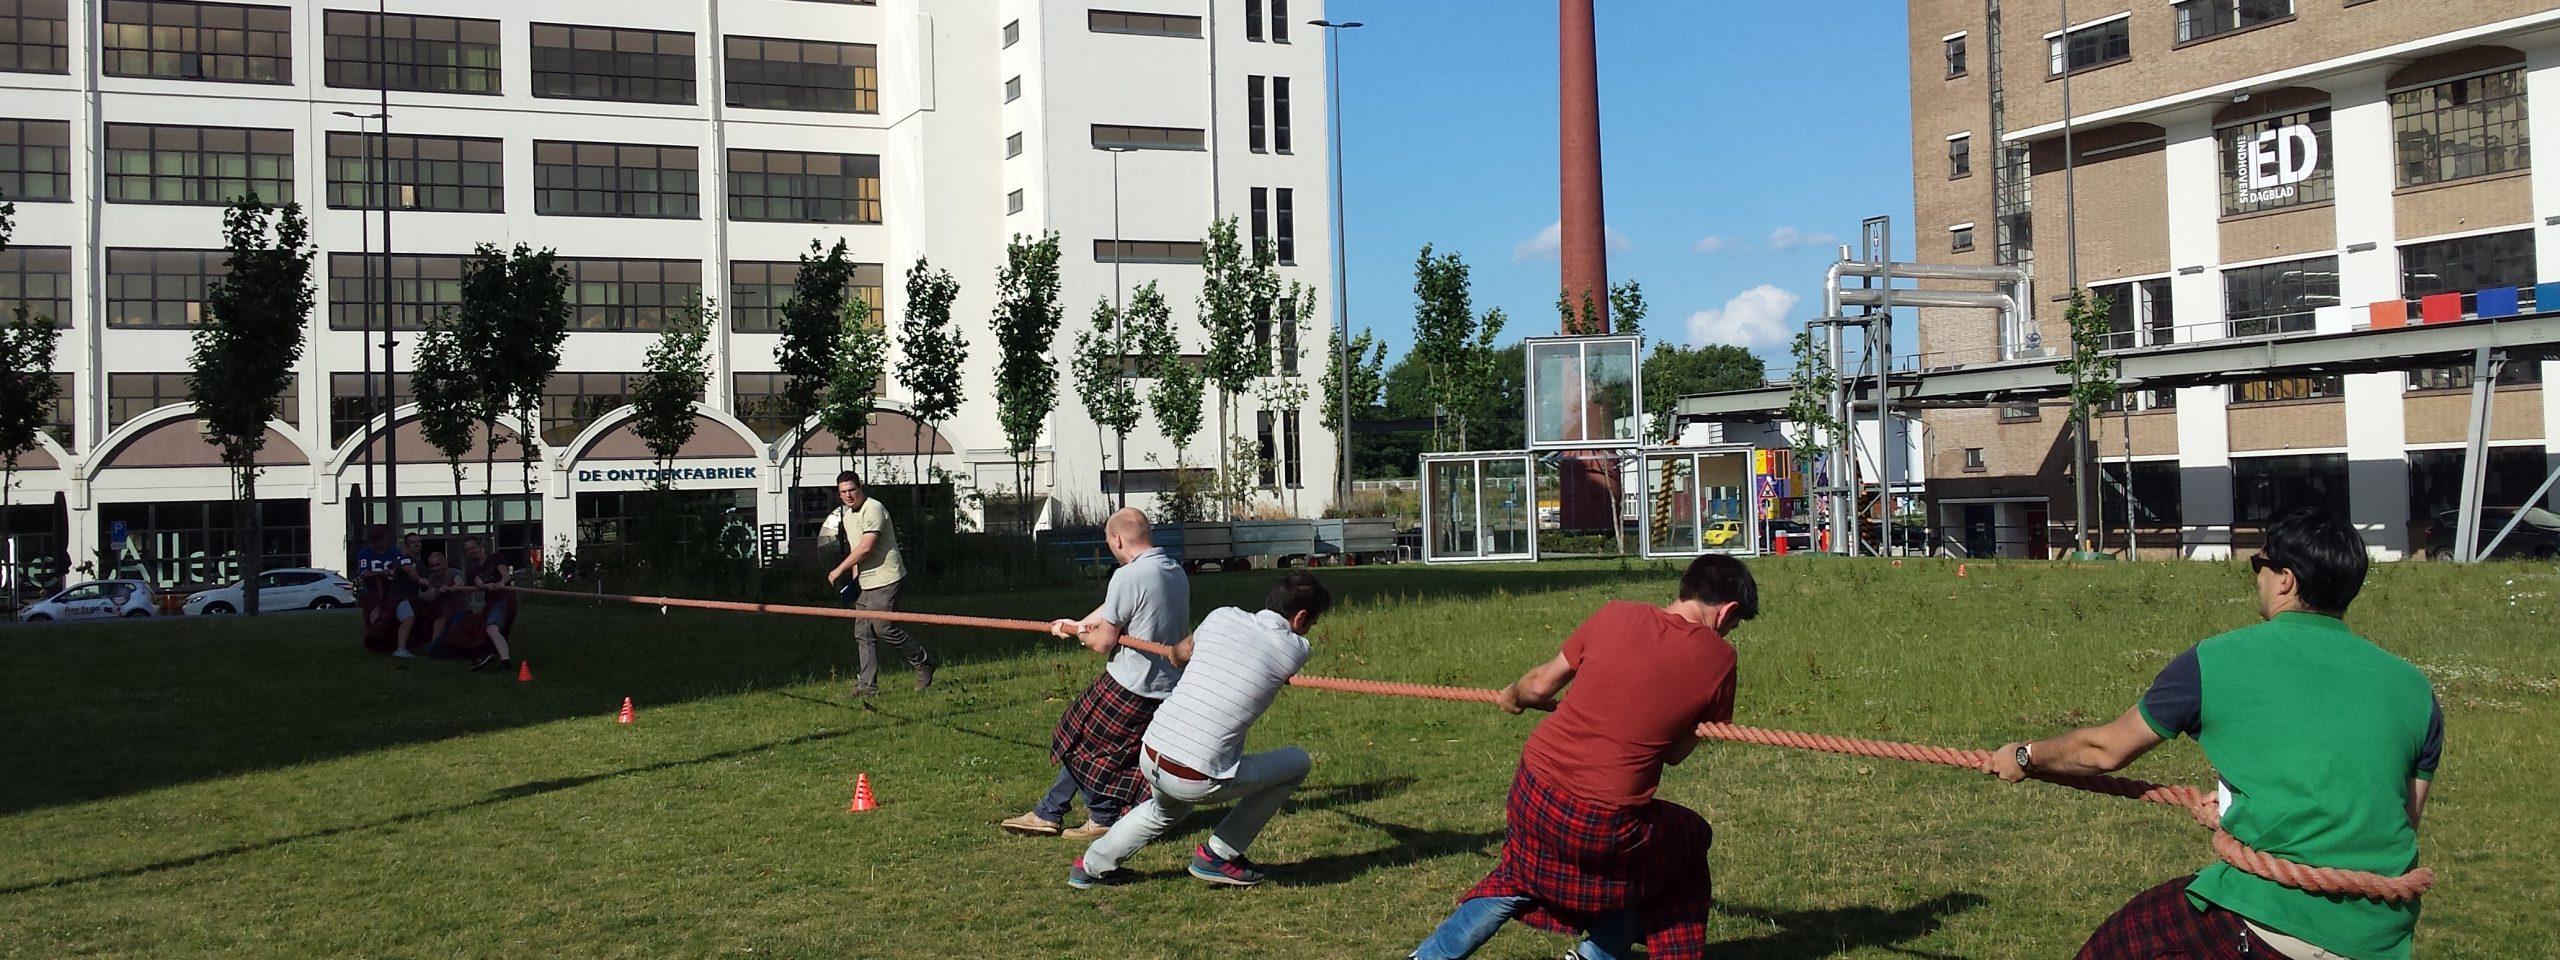 teamuitje-den-bosch-city-game-urban-expeditie-robinson